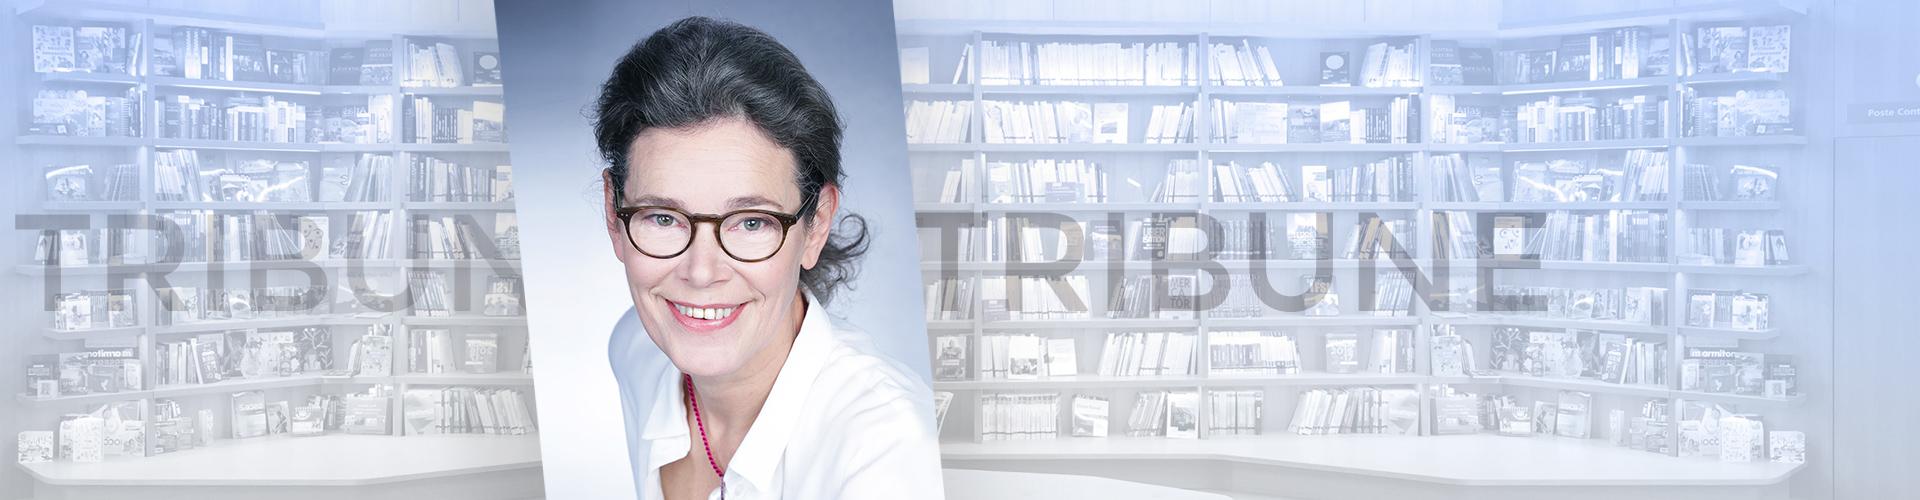 Tribune Juliette Tournand : La bienveillance en action